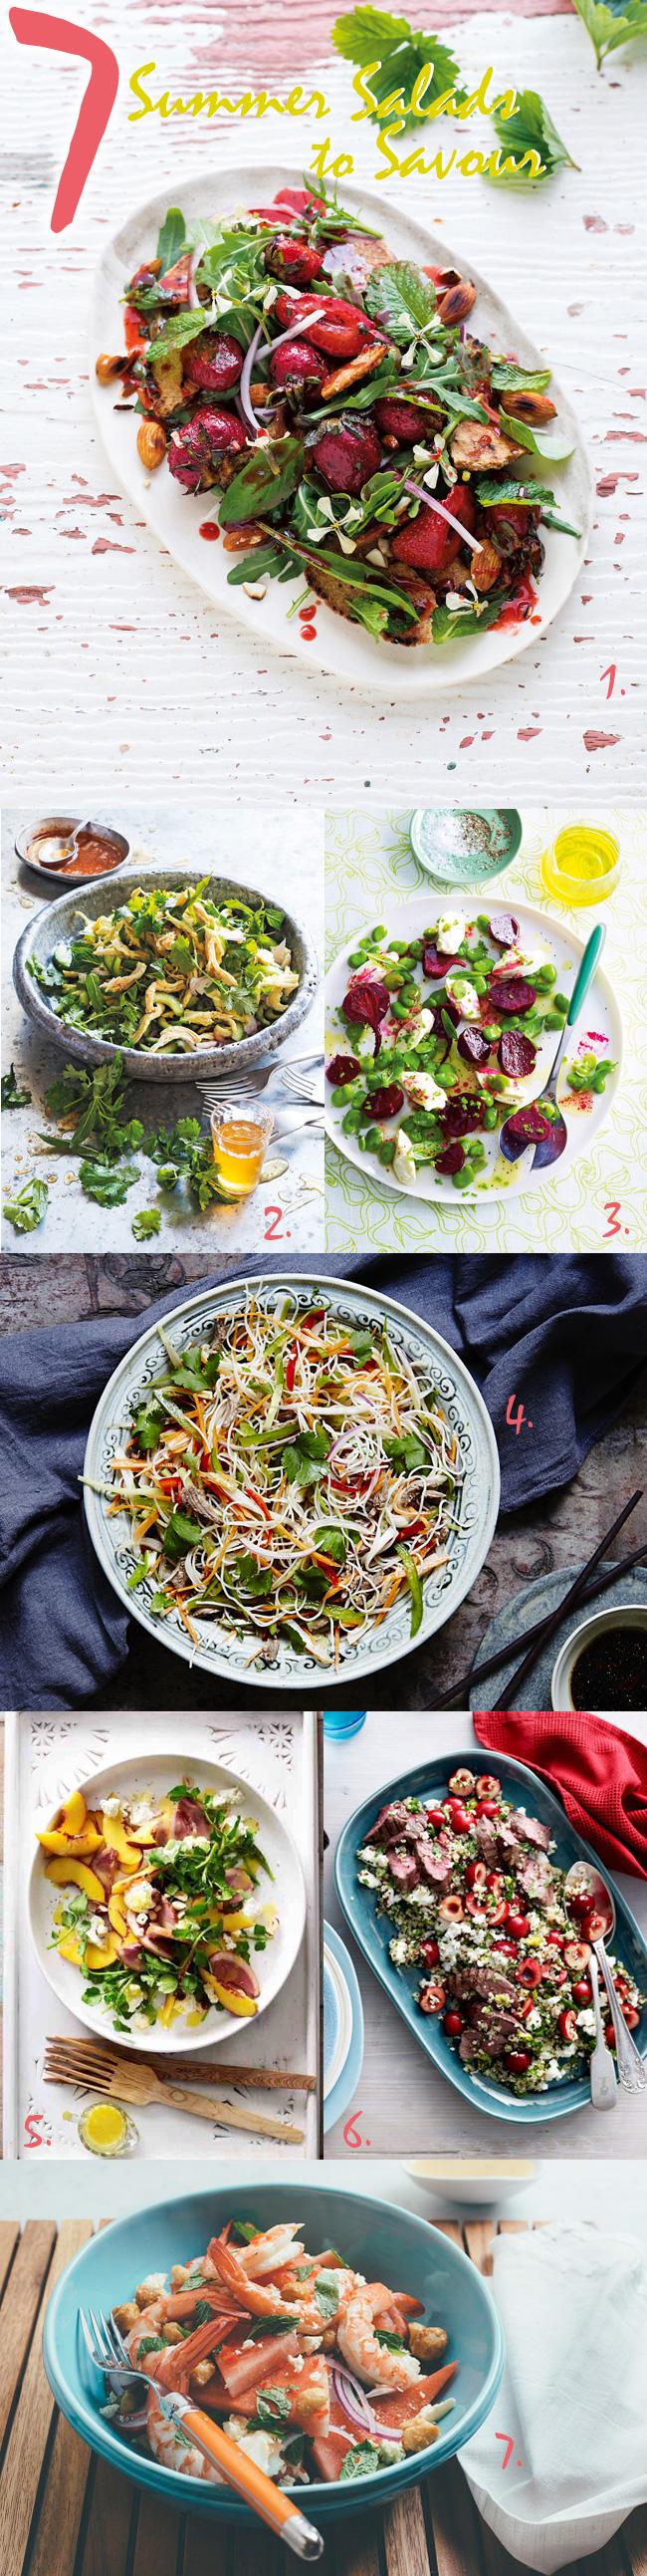 Seven Summer Salads to Savour